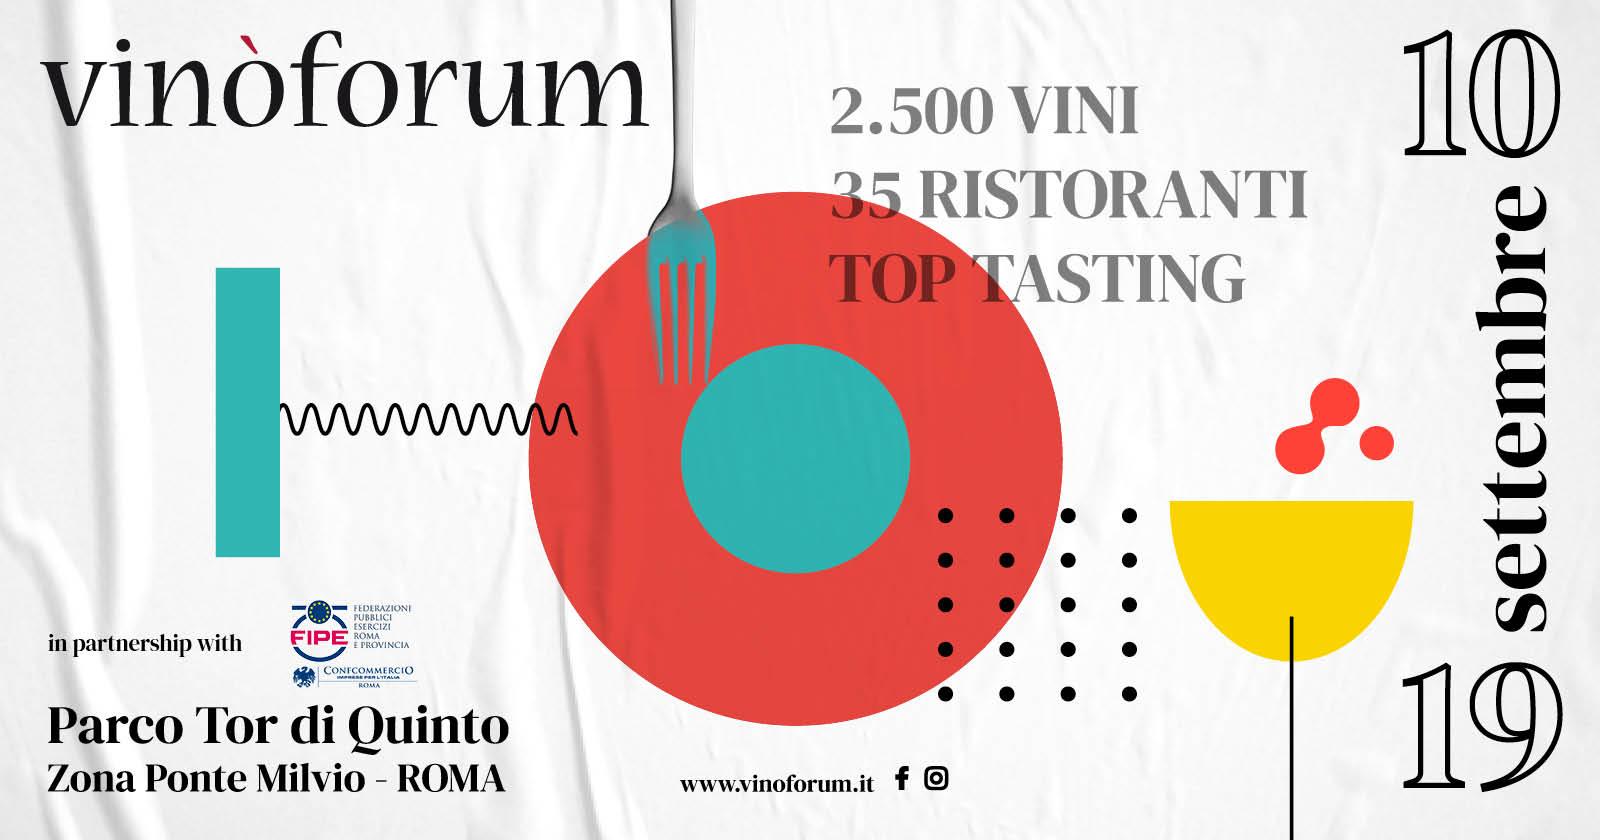 A Roma, dal 10 al 19 settembre arriva Vinòforum, grande evento dedicato all'alta cucina e ai grandi vini